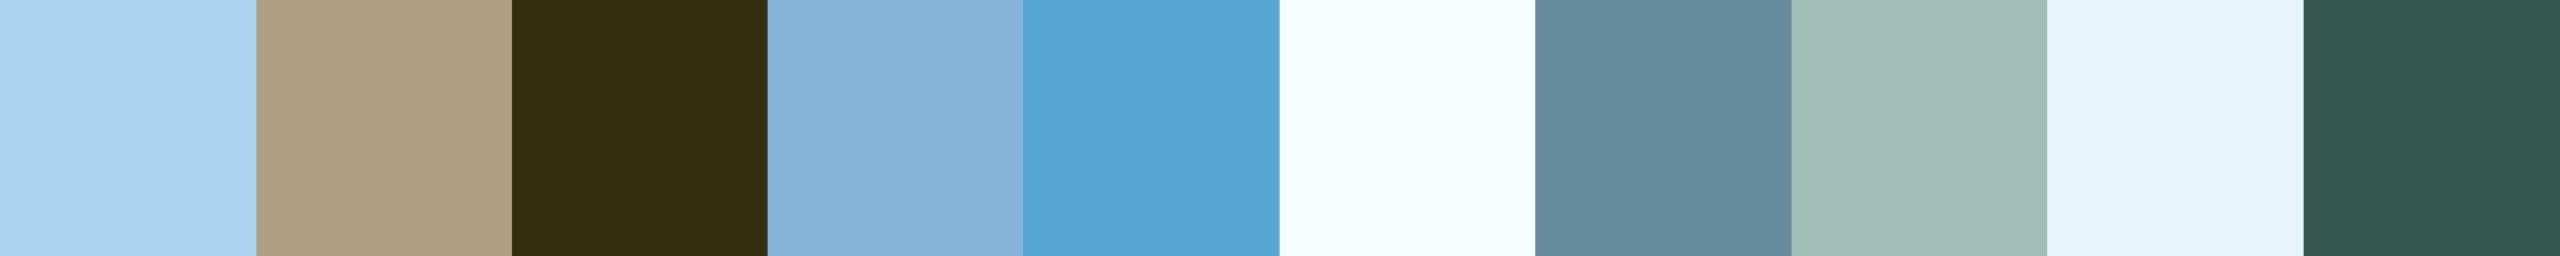 432 Vistola Color Palette